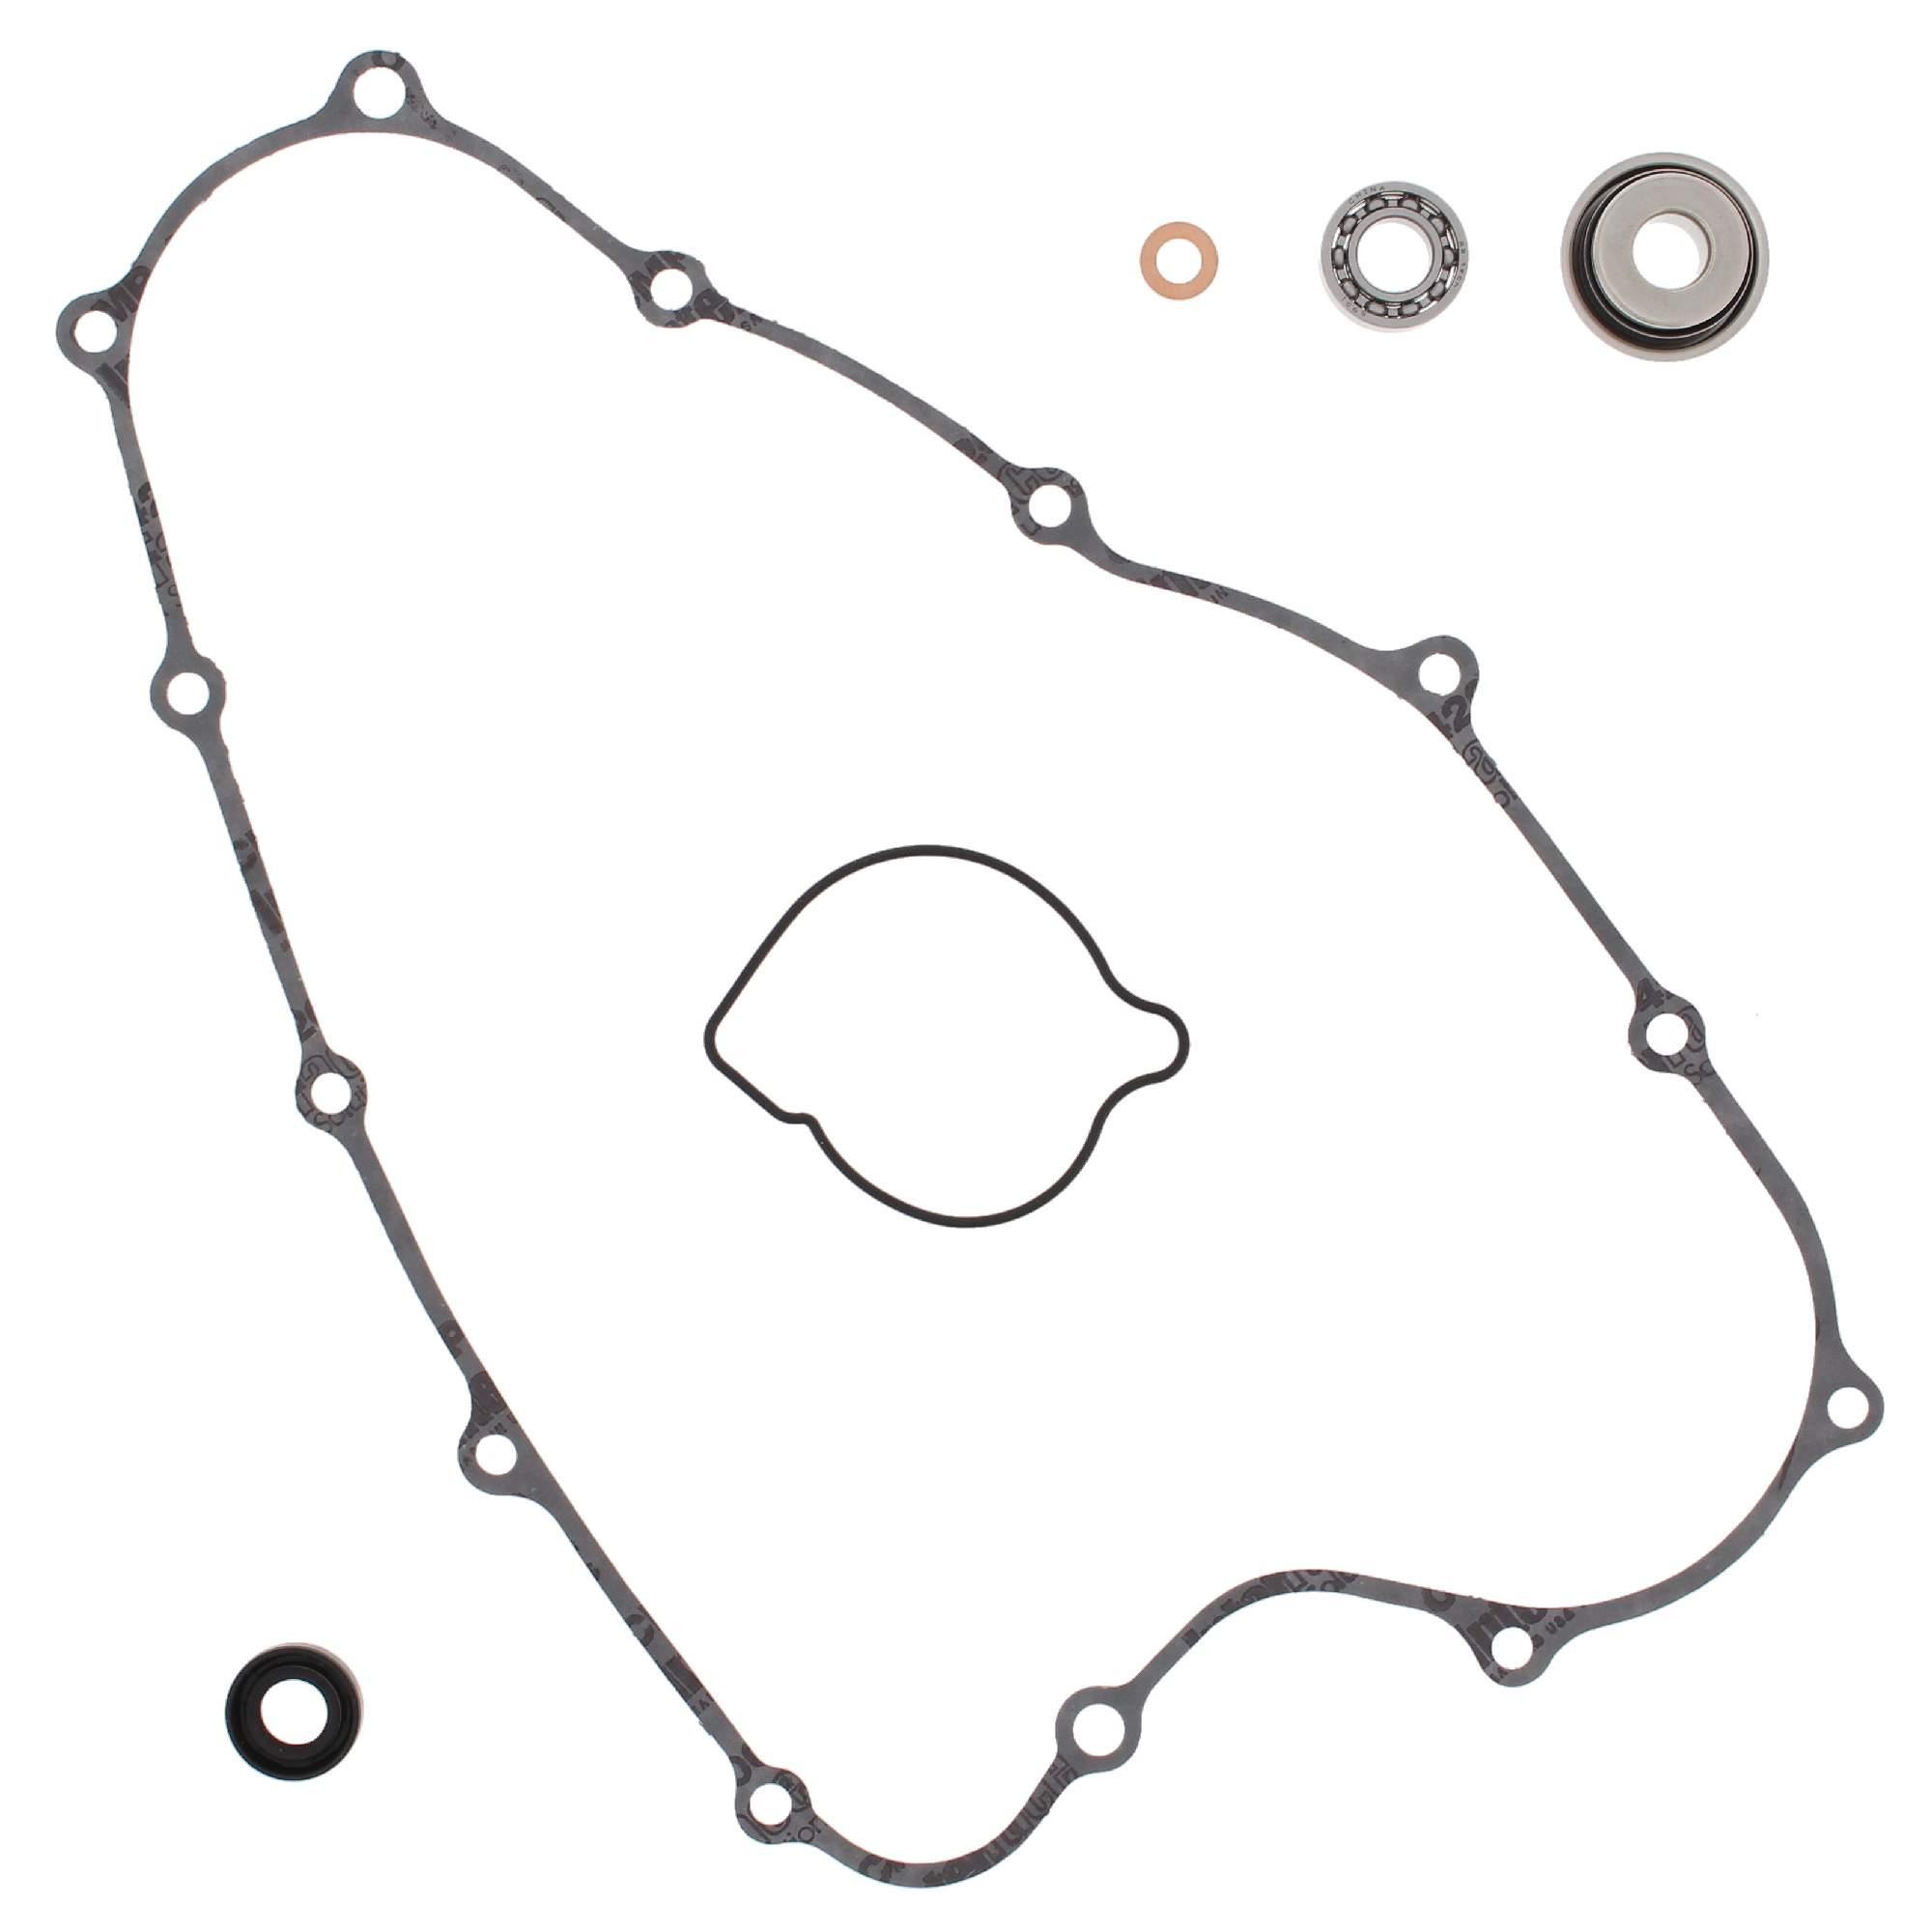 Vertex Water Pump Rebuild Kit for Honda CRF450R 2009-2016